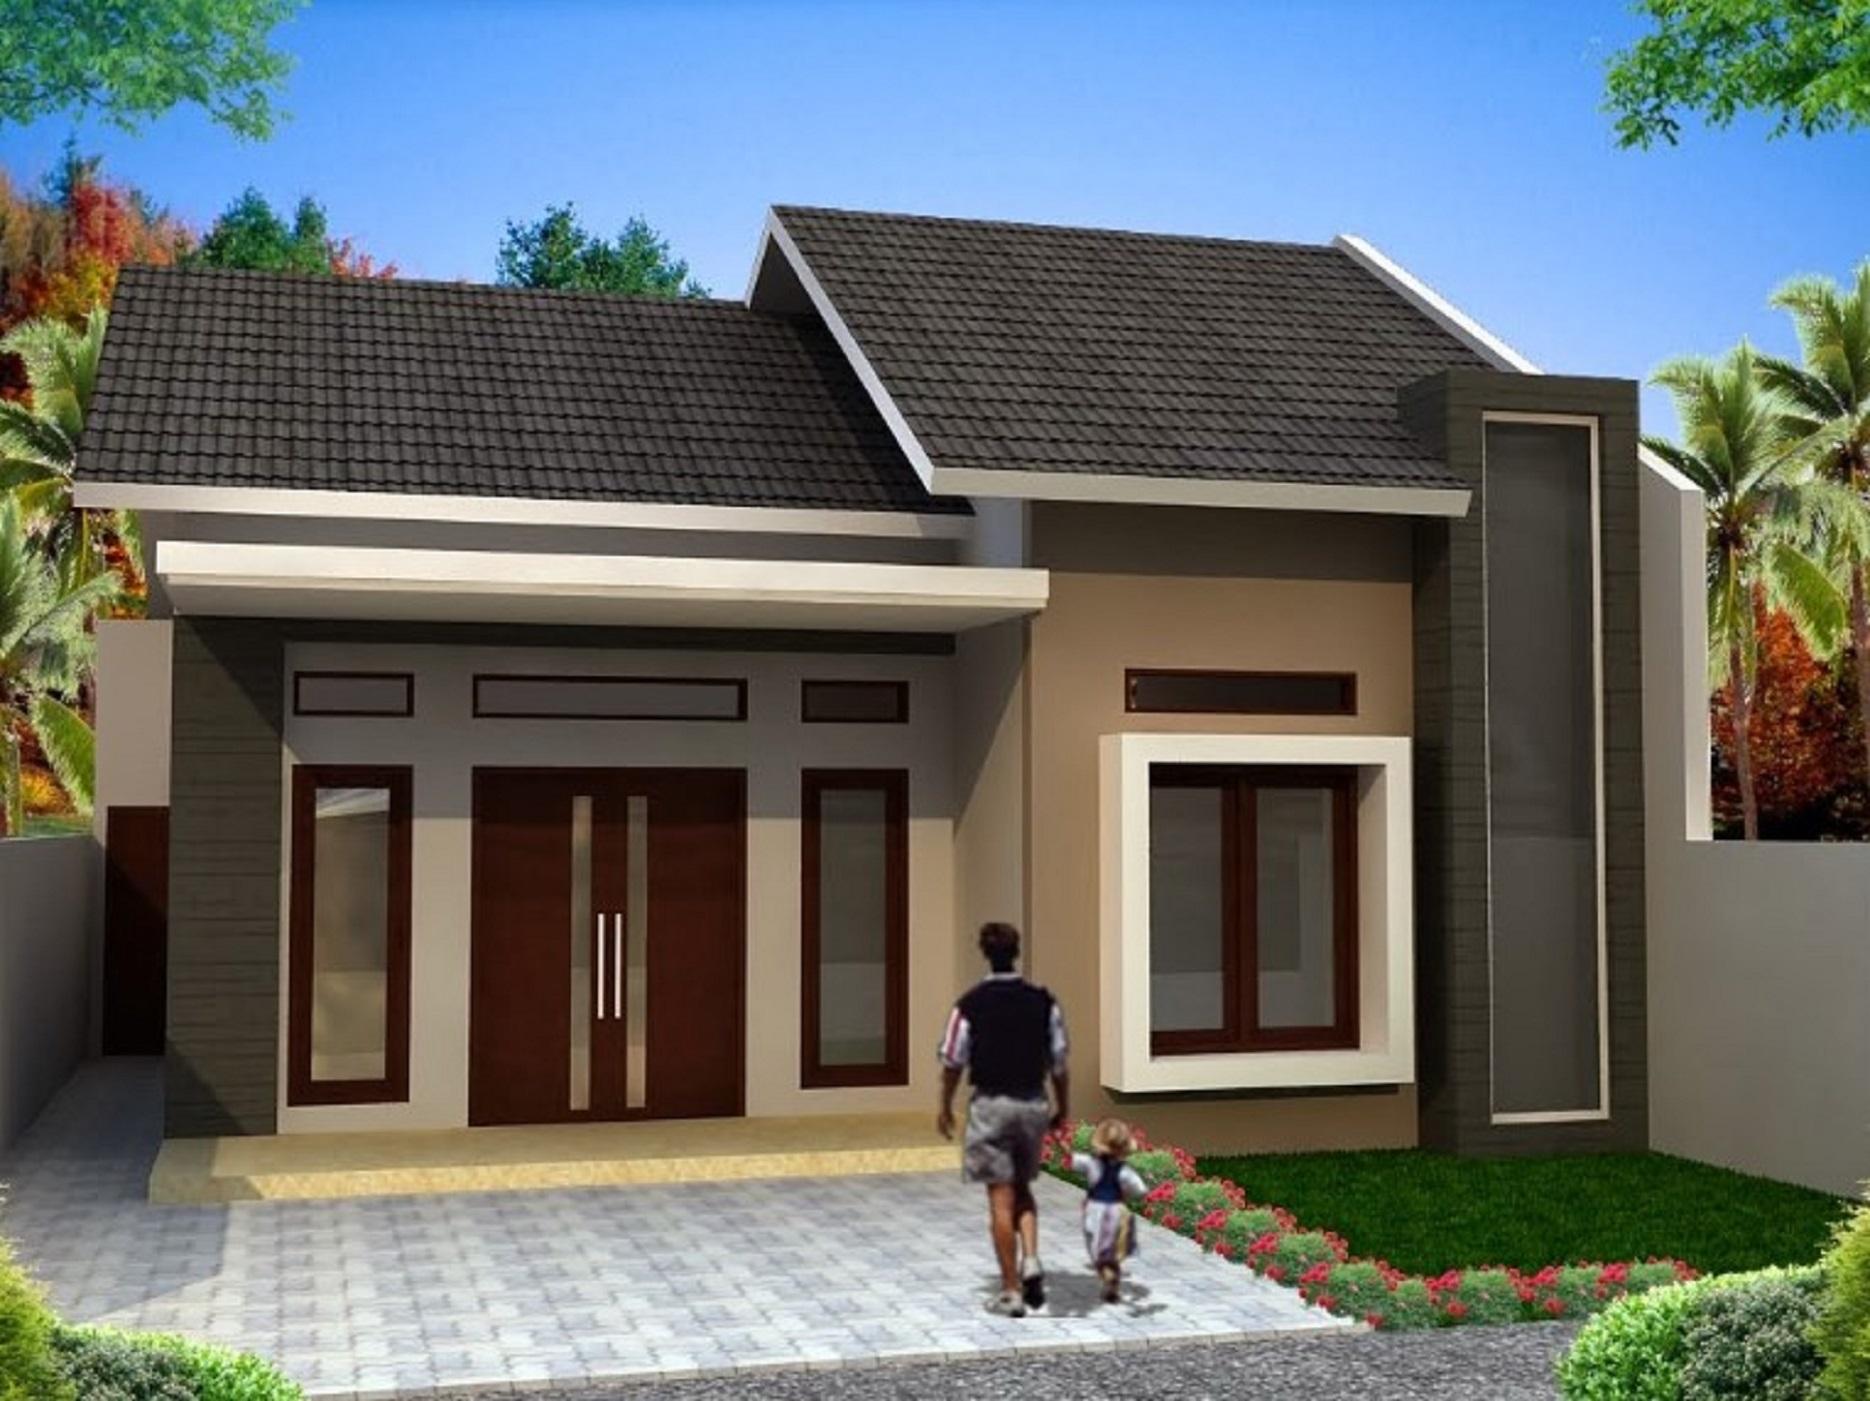 √ 75 Desain Rumah Minimalis Sederhana Modern Terbaru 2020